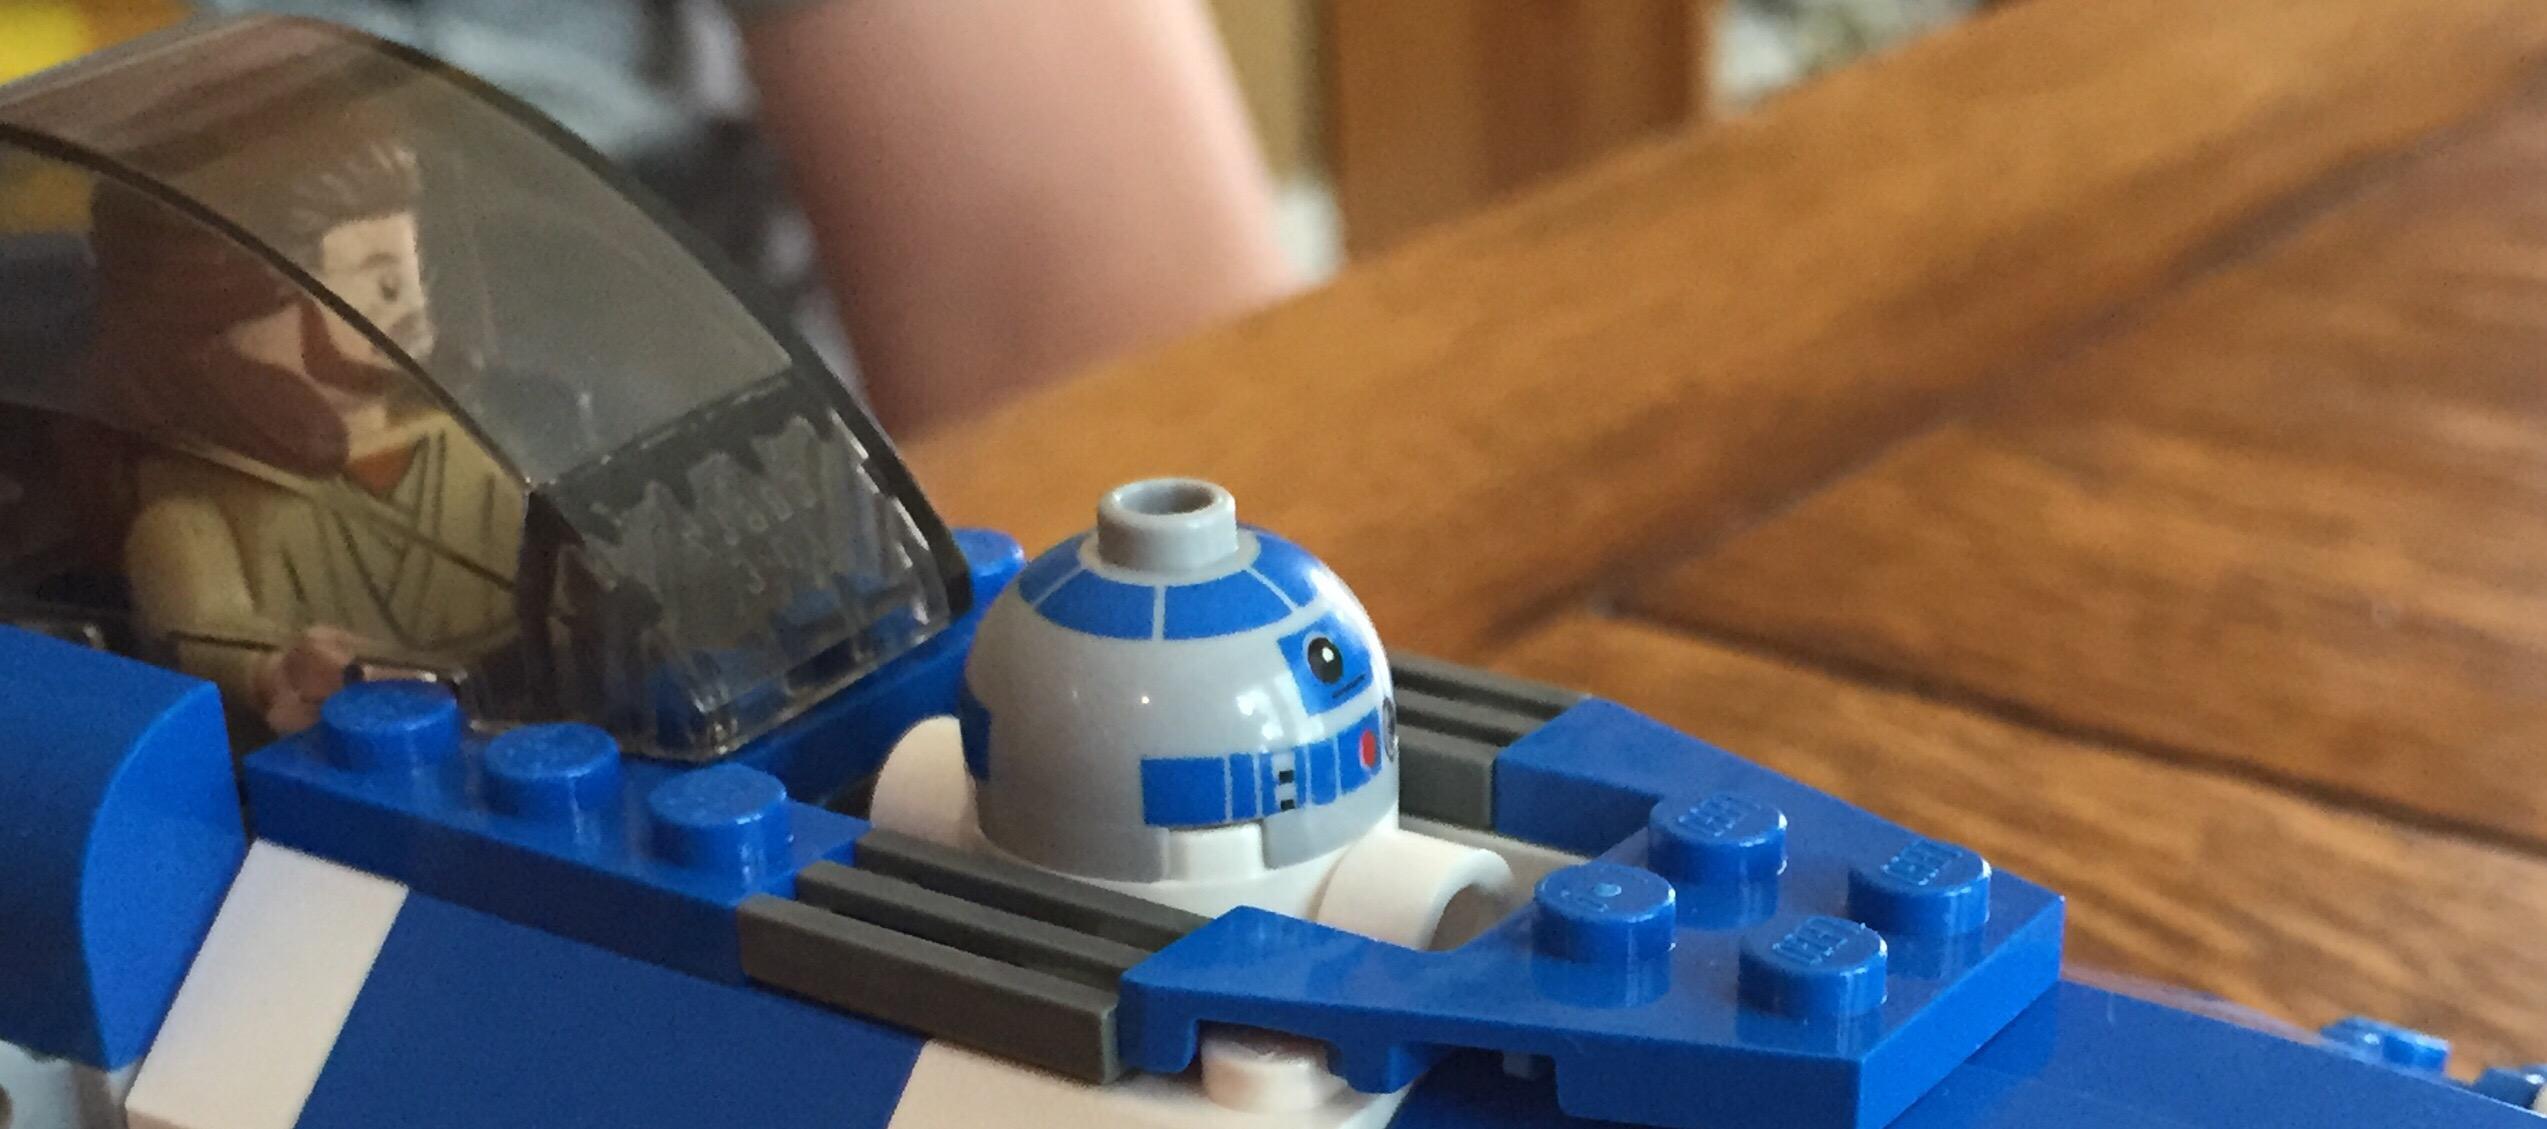 Lego Plo Koon's Jedi Starfighter